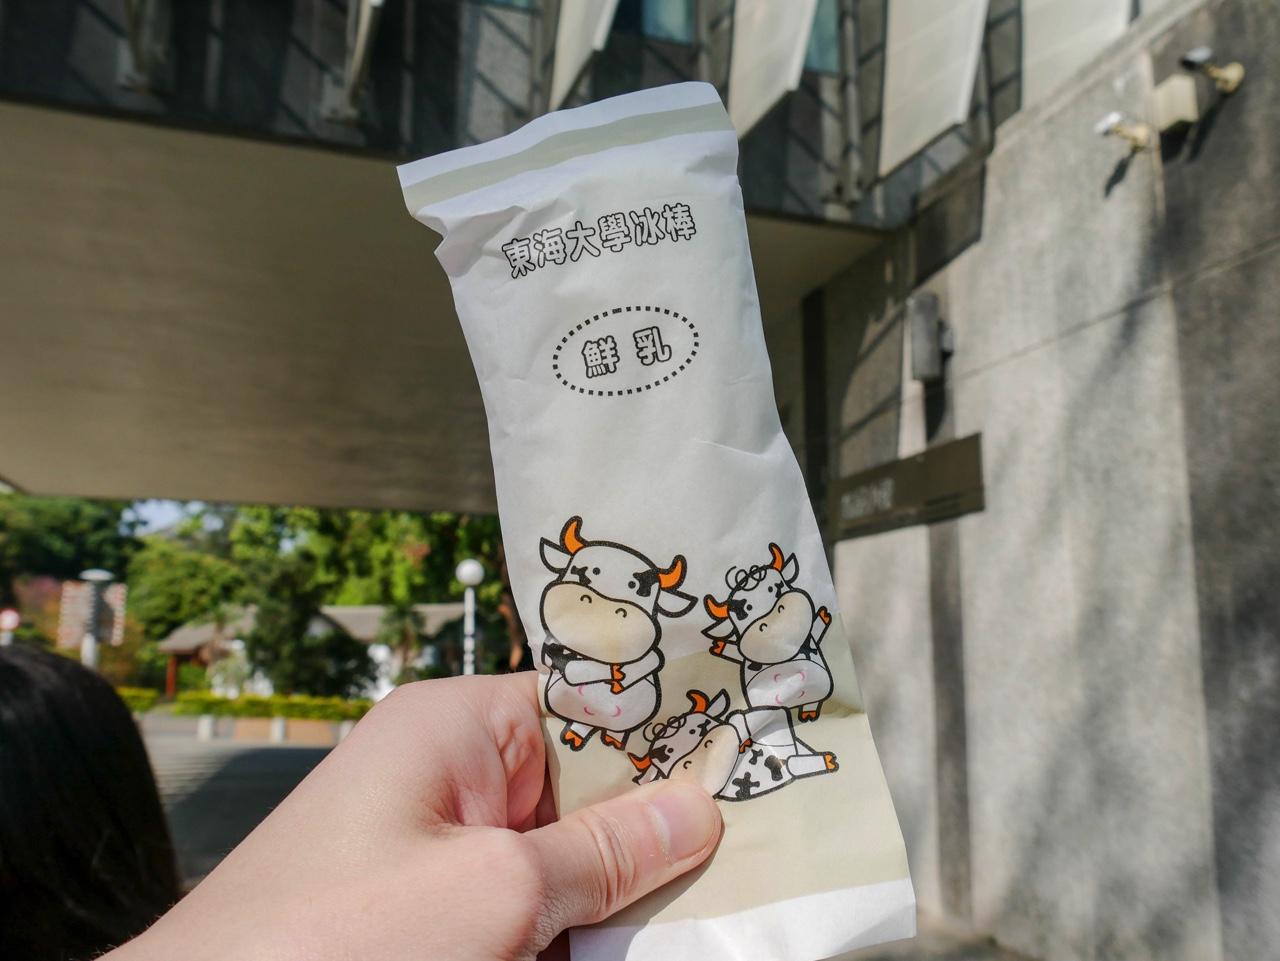 東海大學で売られているアイス